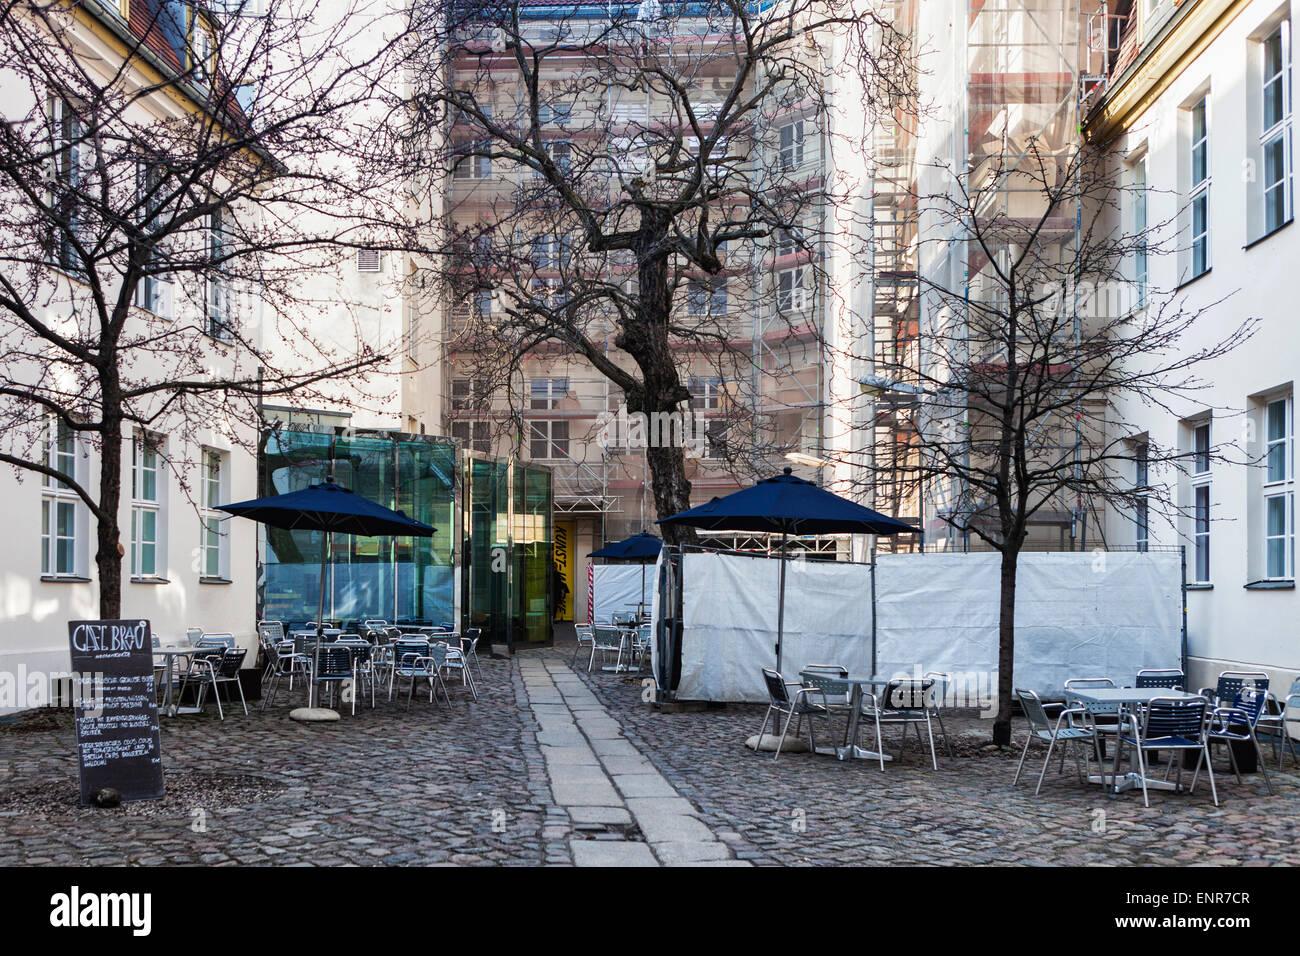 Cafe Bravo Tische Und Stuhle Im Innenhof Der Kw Institute Of